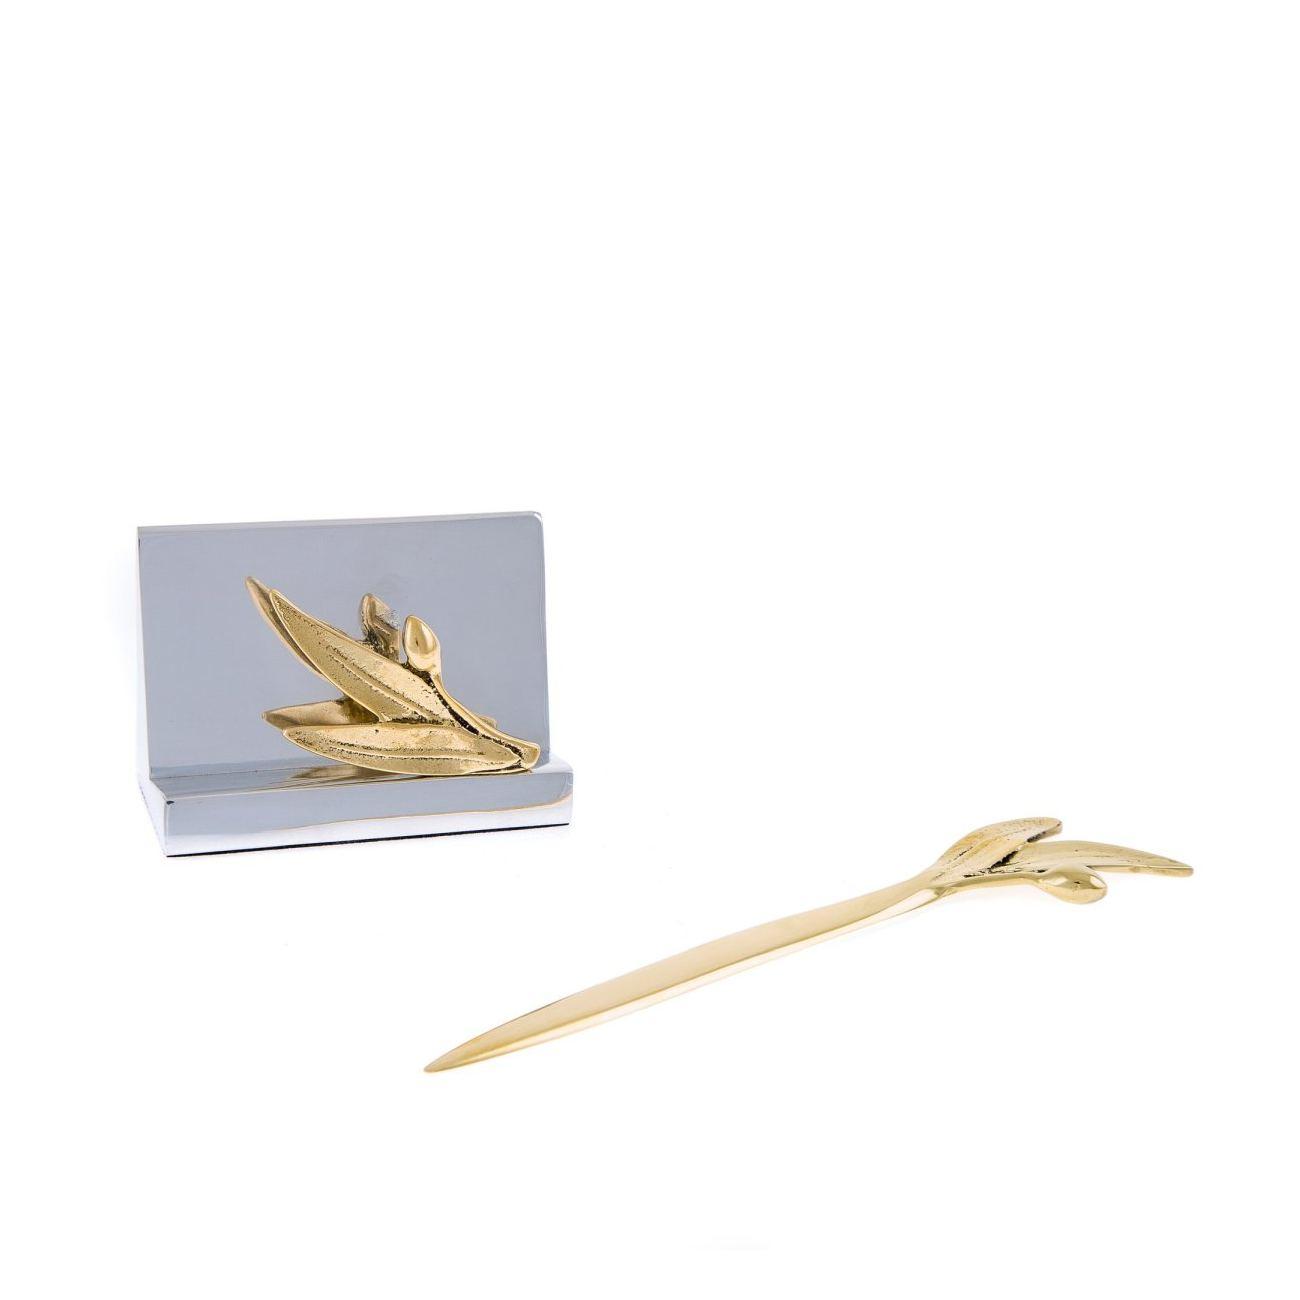 Desk Accessories Set of 2 - Olive Branch Design - Handmade Solid ...